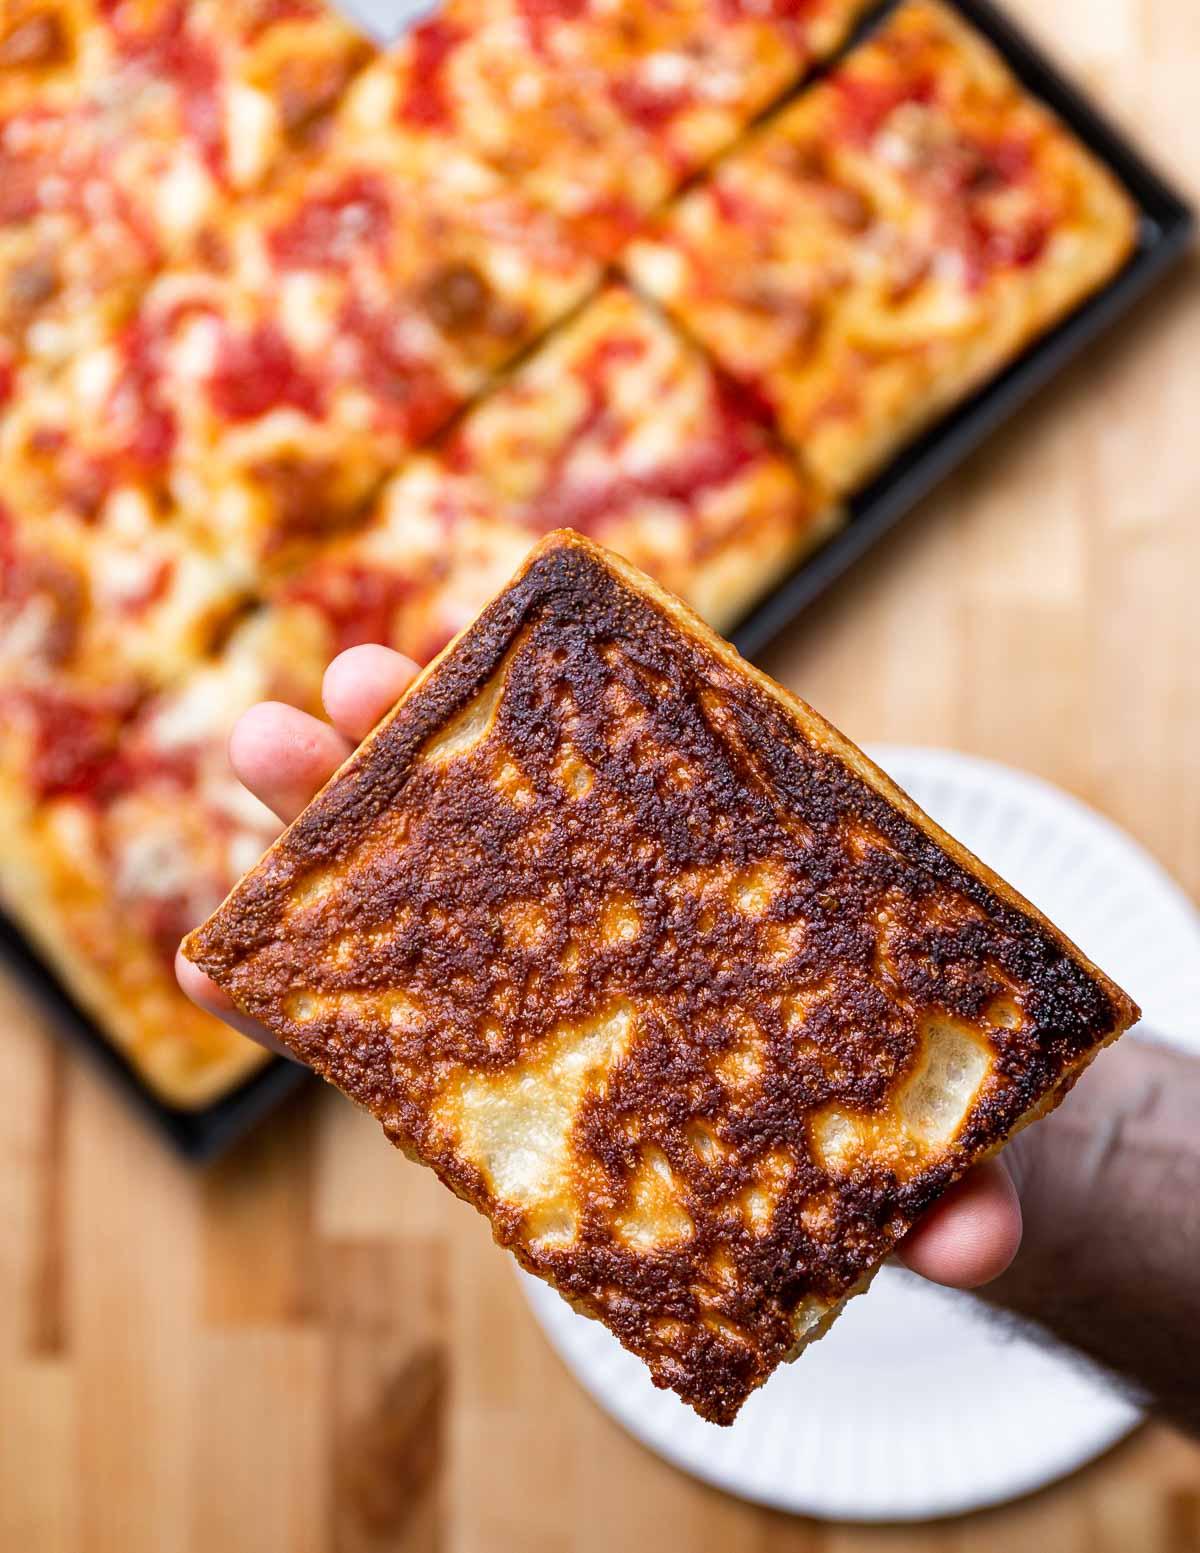 Crisp bottom of Grandma pizza held in hands.